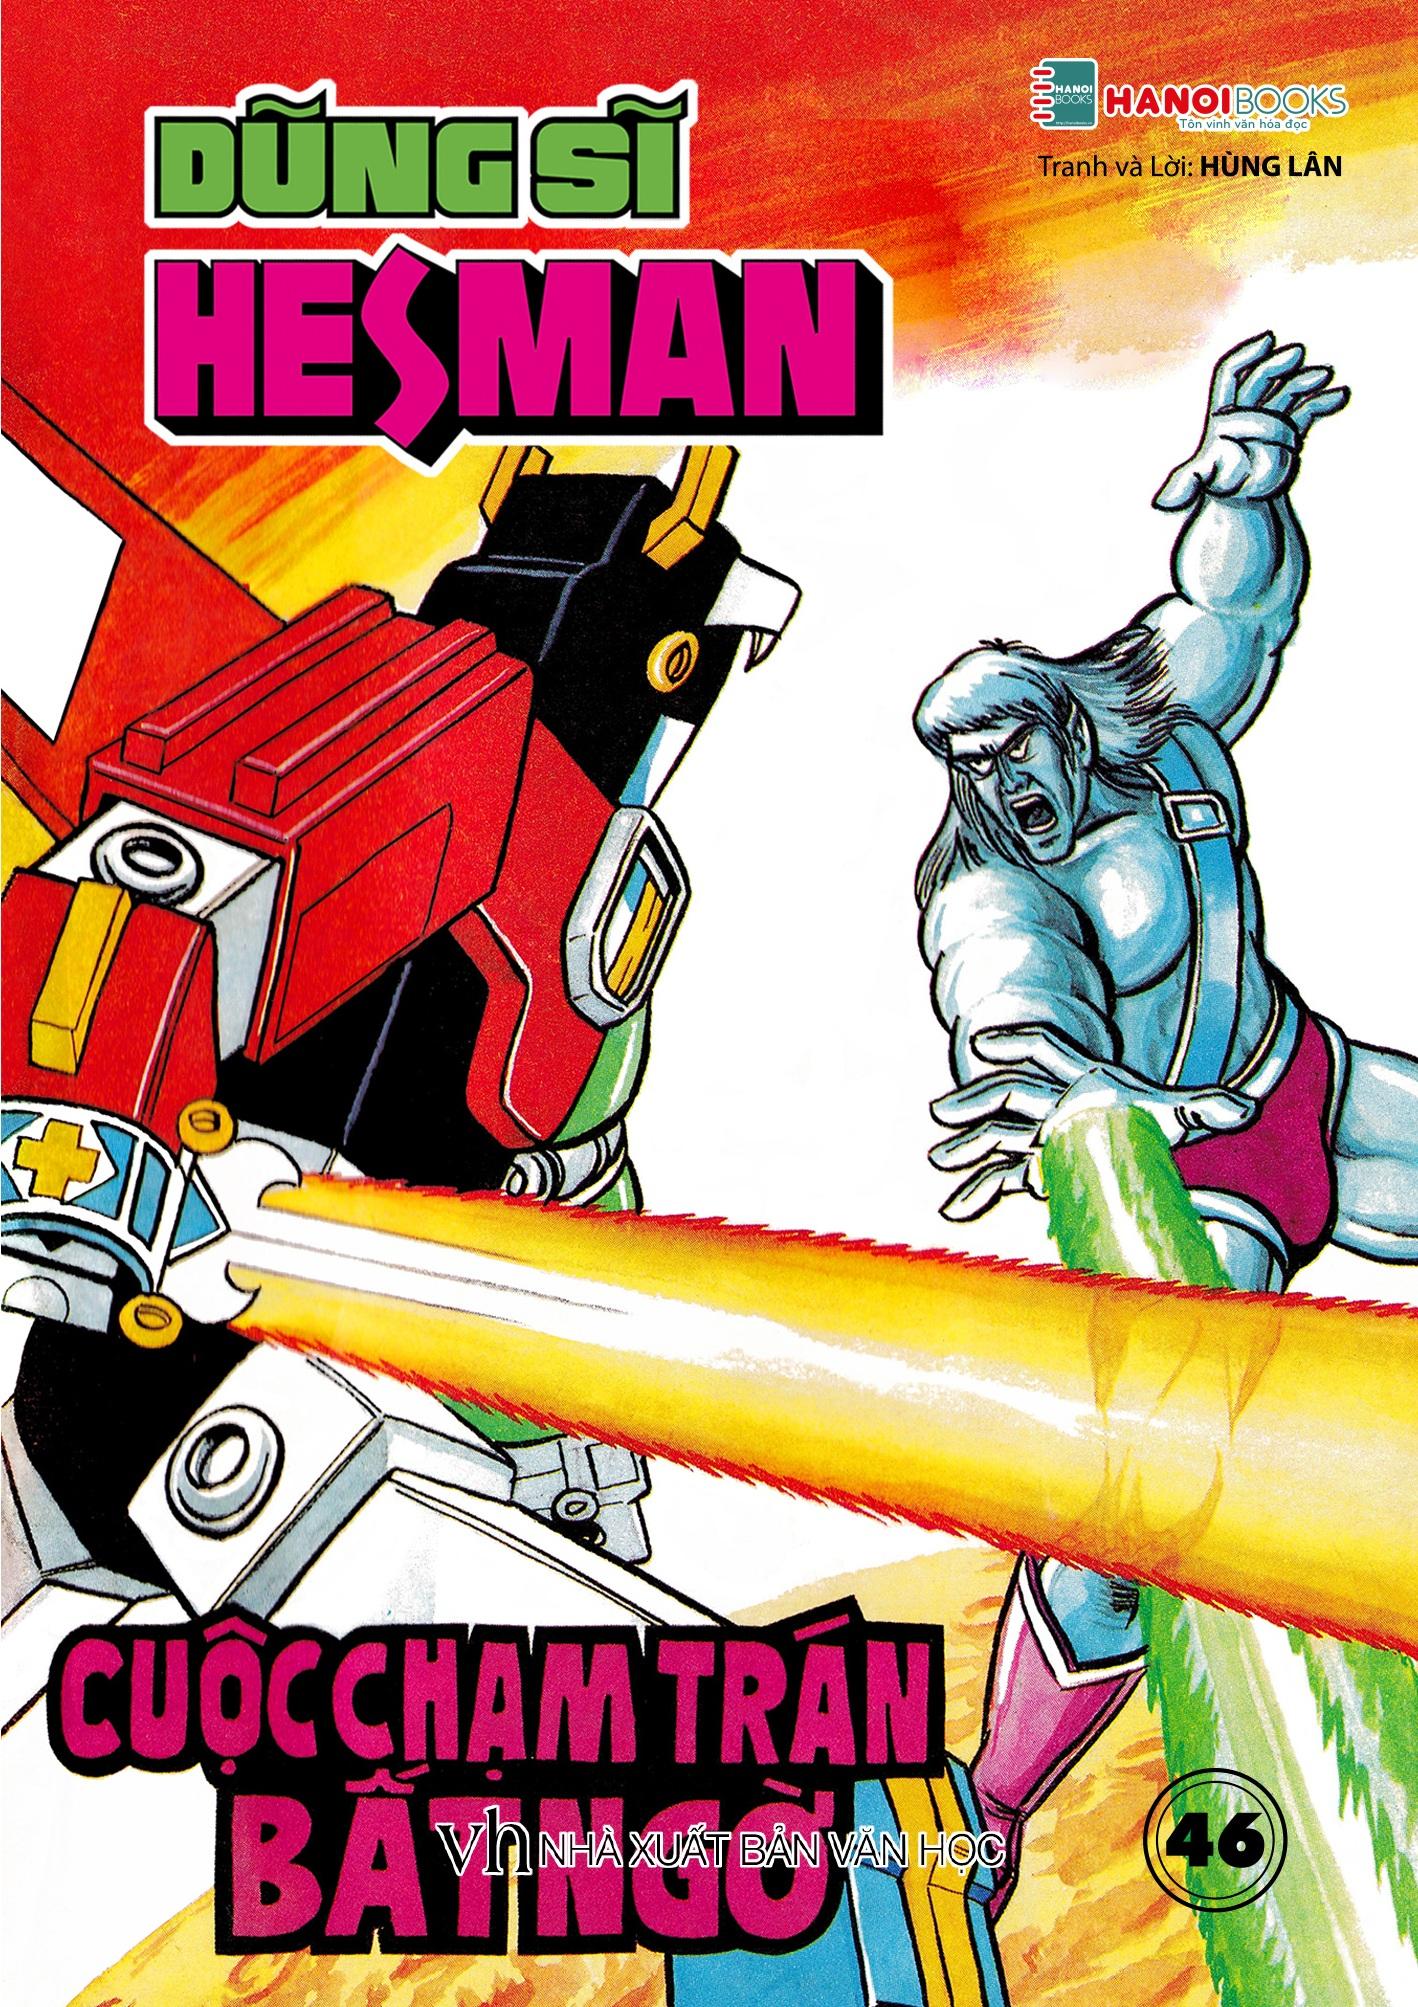 Boxset 10 : 5 tập Dũng Sĩ HesMan ( Từ tập 46 đến tập 50 )